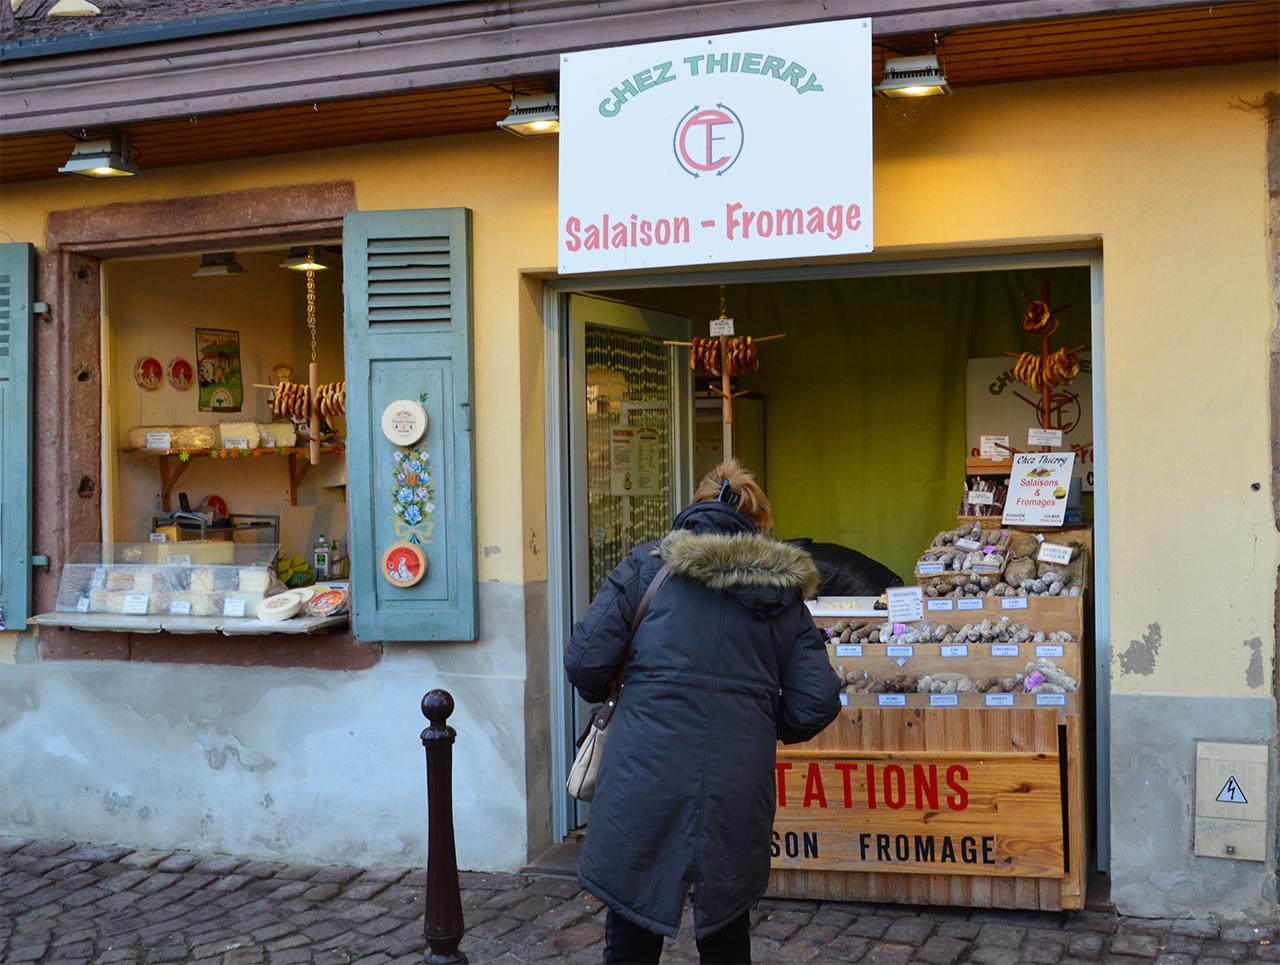 치즈 소시지 가게. 알자스에는 쫄깃하고 부드러운 치즈가 들어간 소시지가 유명하다.